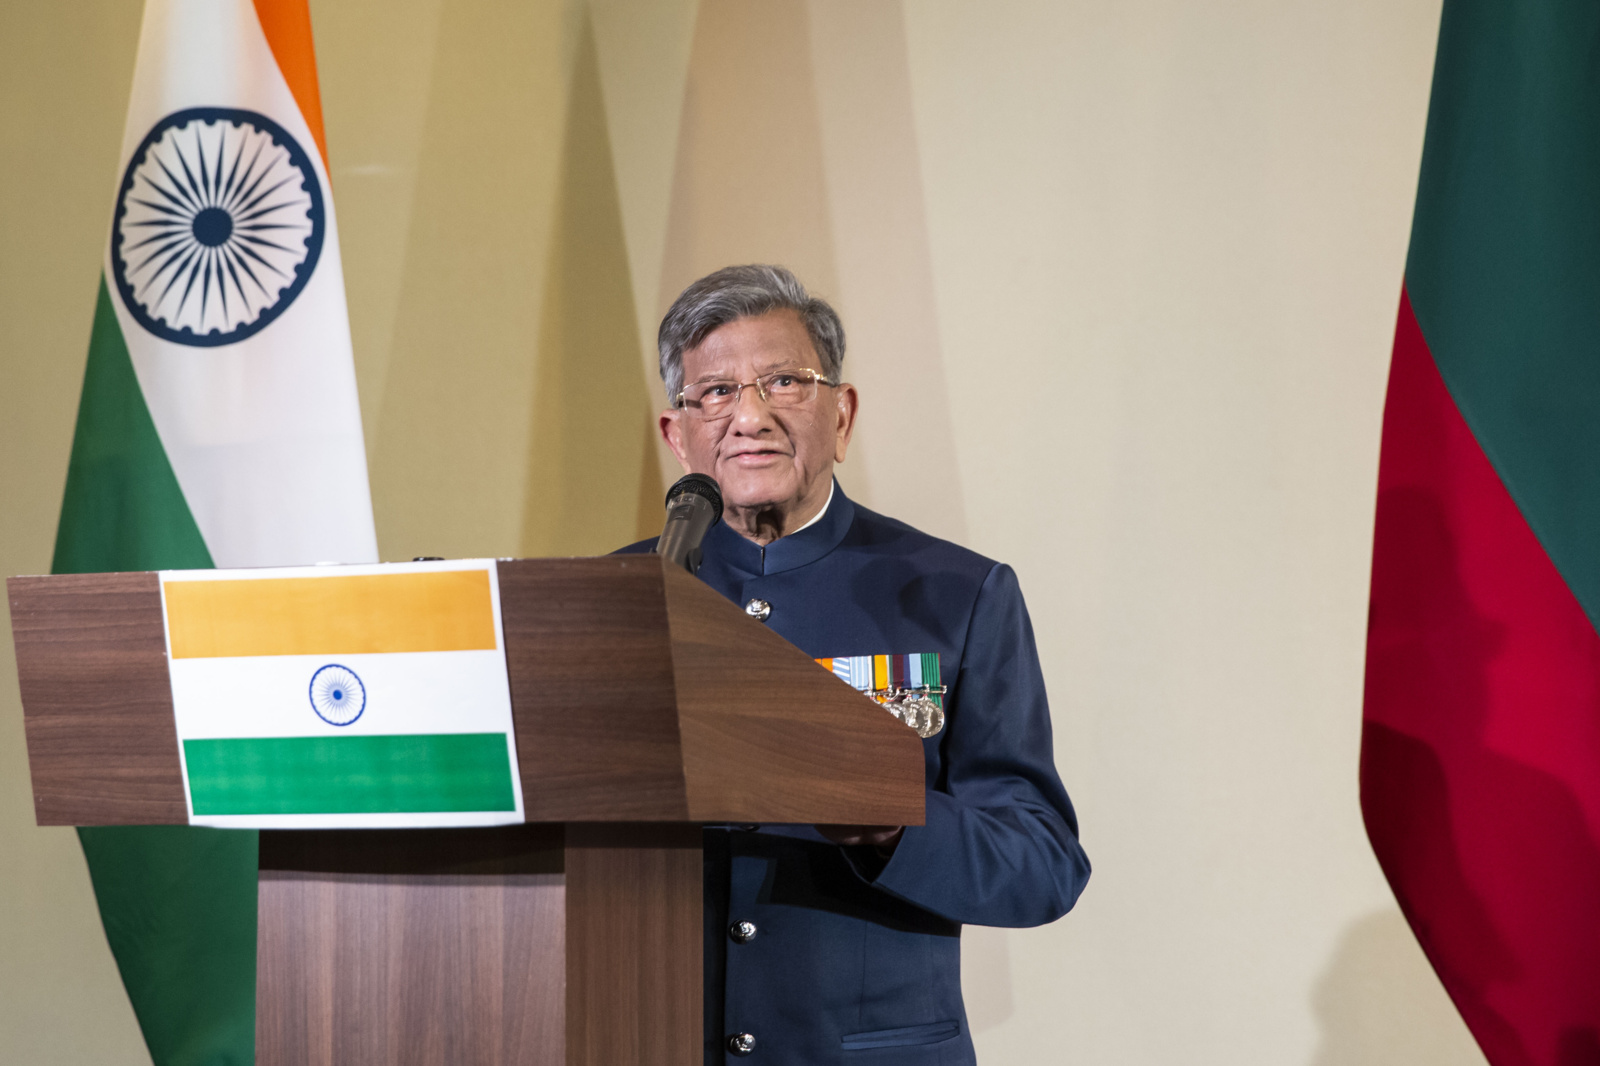 Indijos garbės konsulas: joga padeda priartėti prie Indijos kultūros